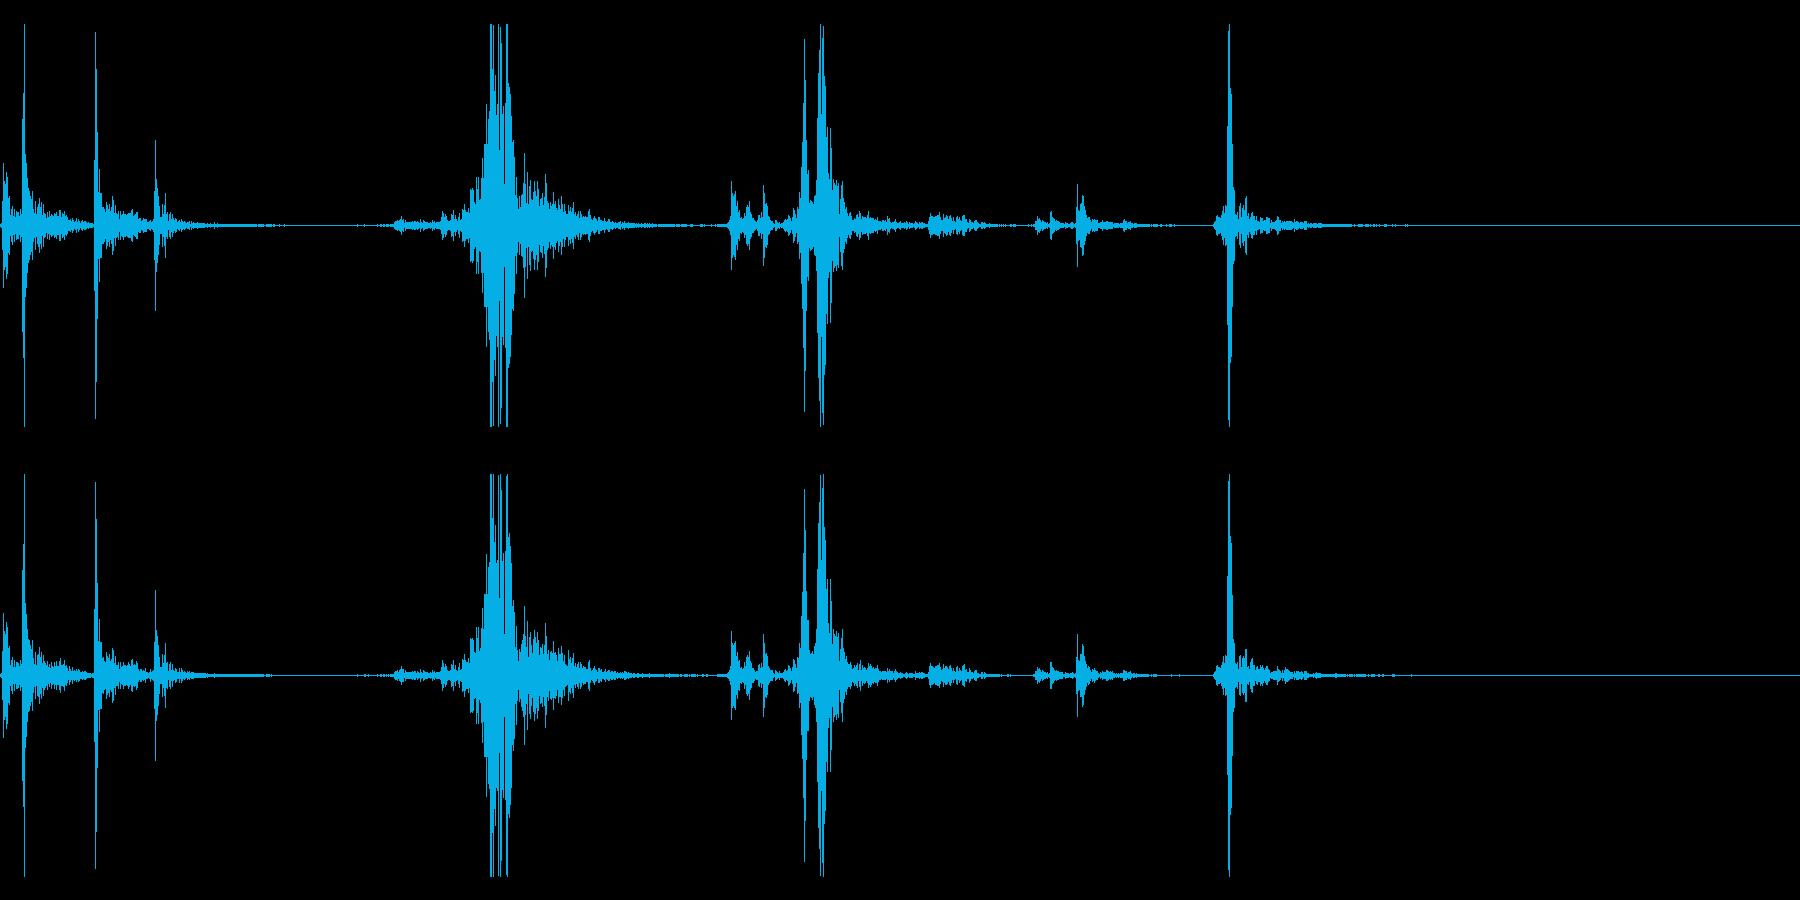 【生録音】タッパー・弁当箱を閉める音 4の再生済みの波形